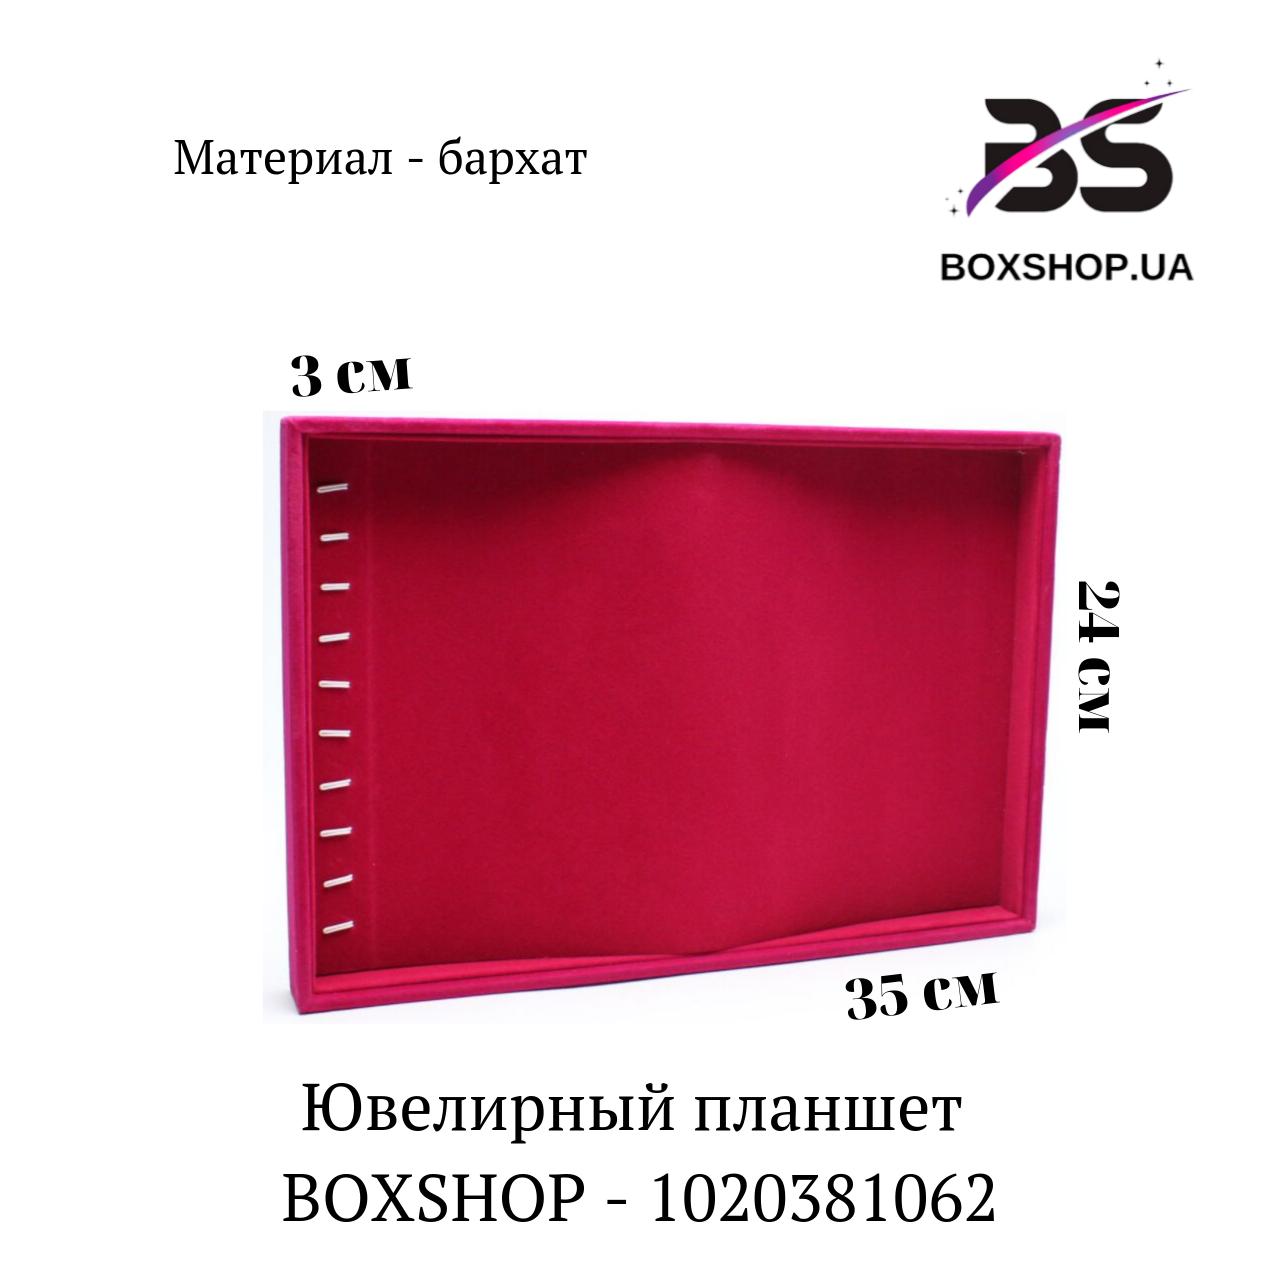 Демонстрационное оборудование под цепочки, для ювелирной витрины (35*24*3 см)